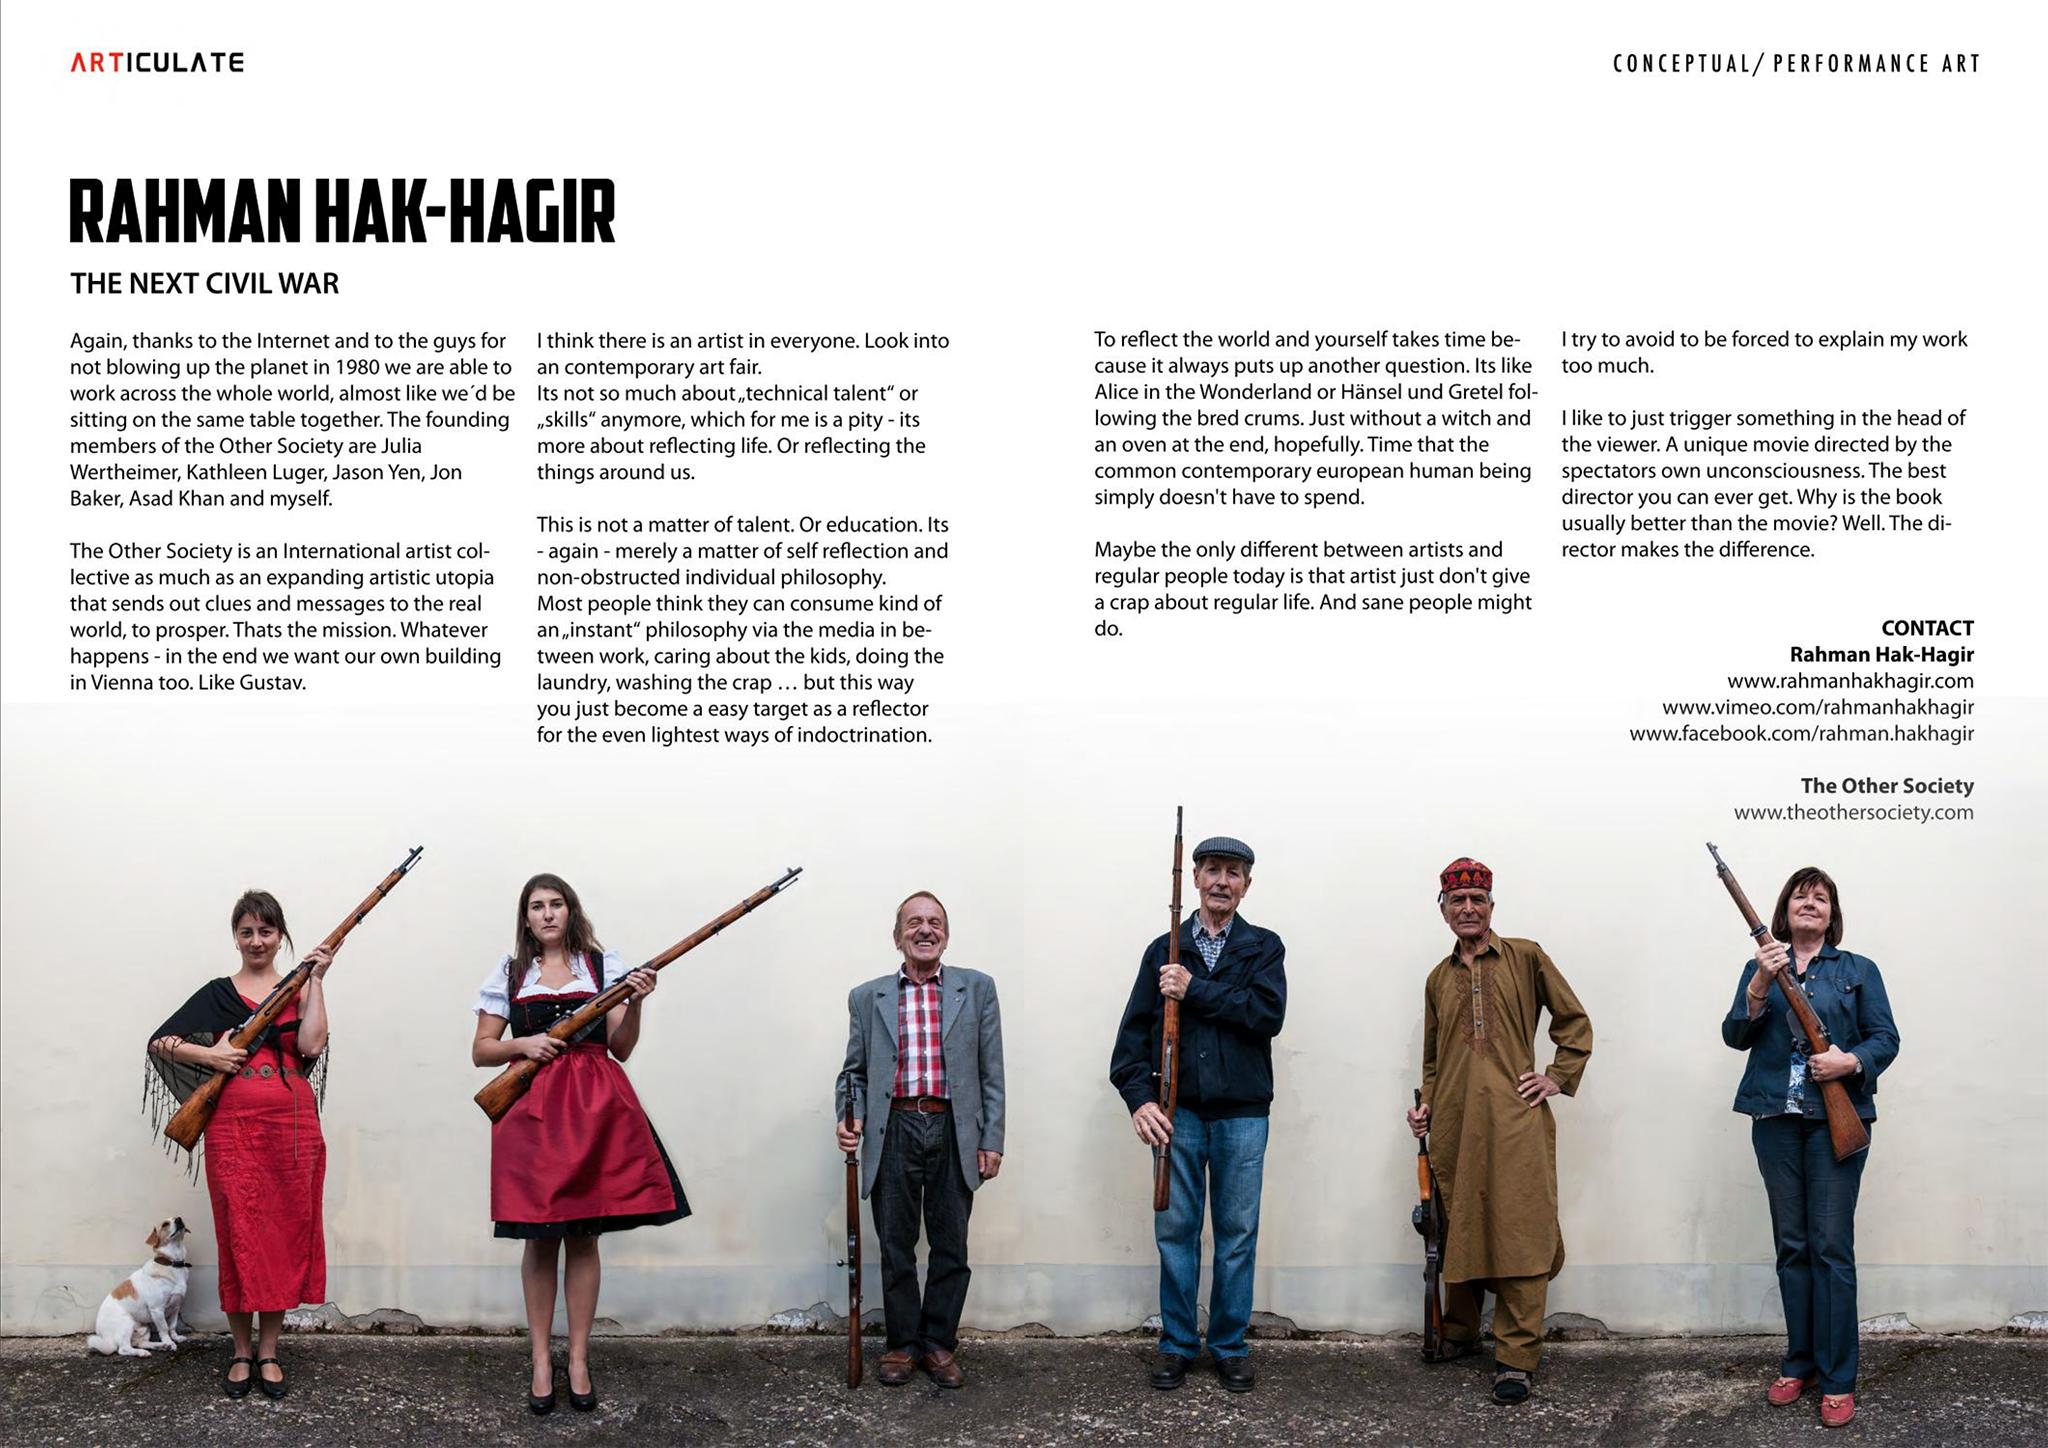 ARTiculate #4 Rahman Hak-Hagir